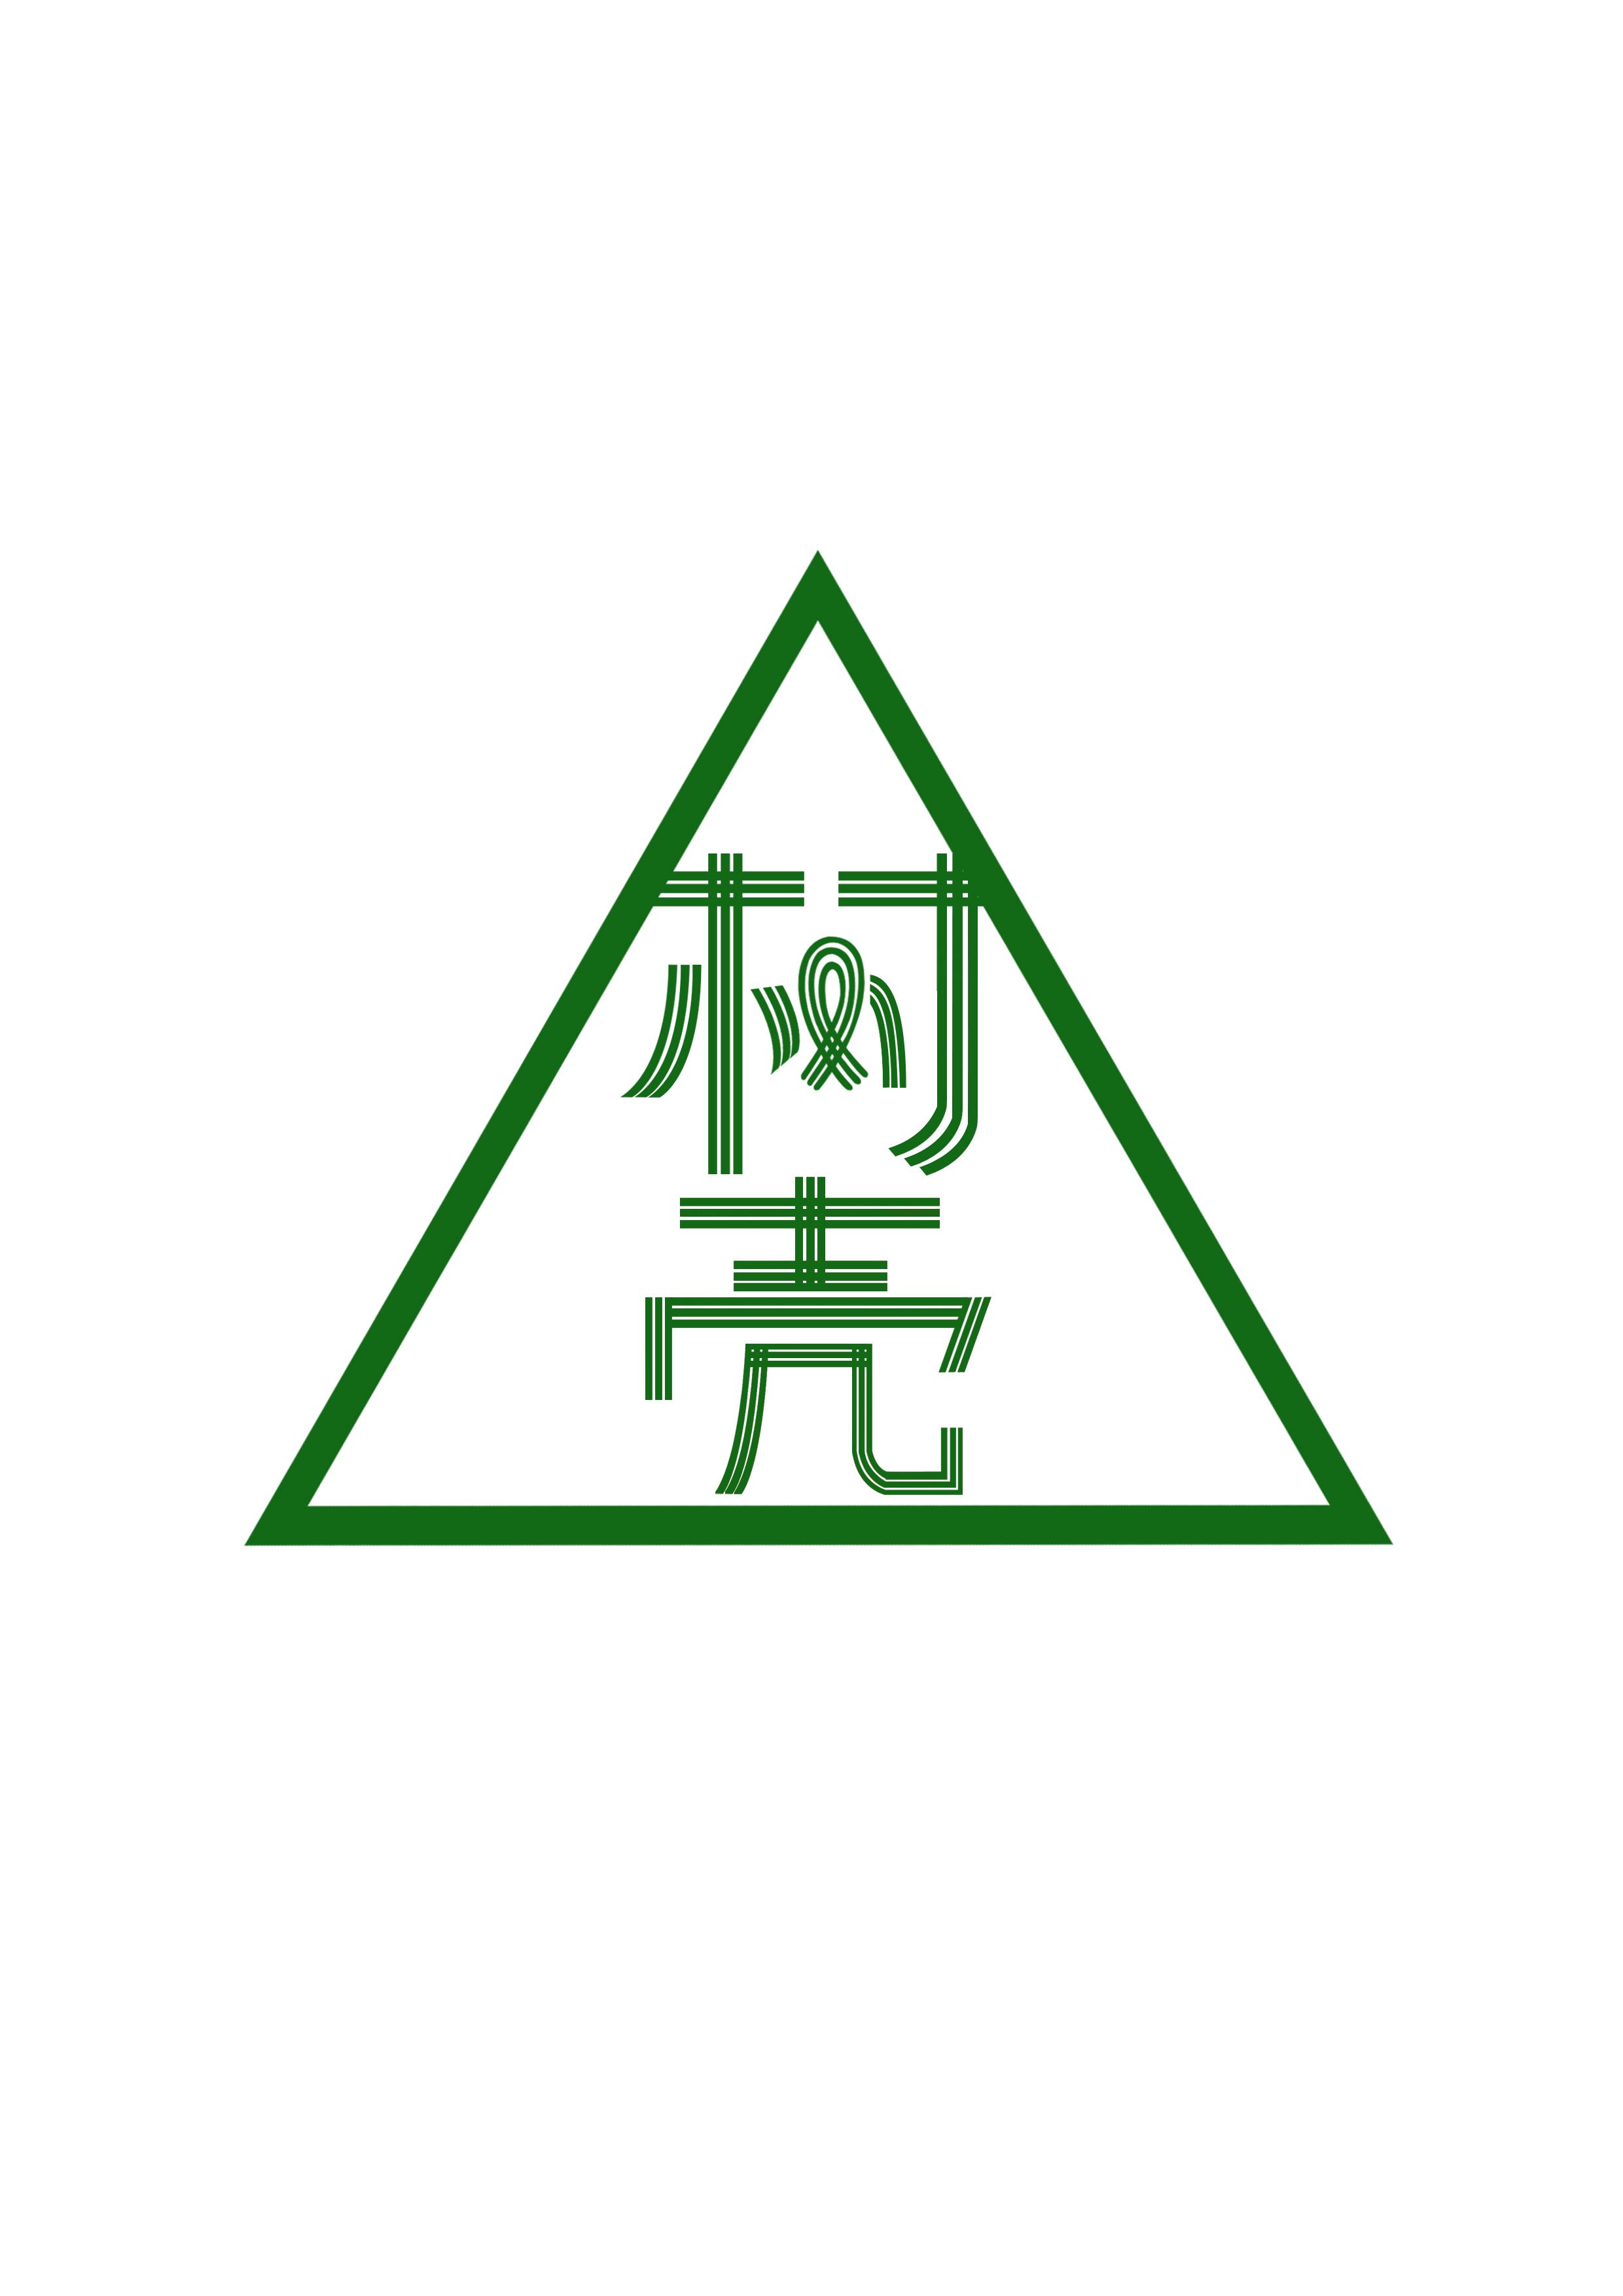 logo 标识 标志 设计 矢量 矢量图 素材 图标 2480_3508 竖版 竖屏